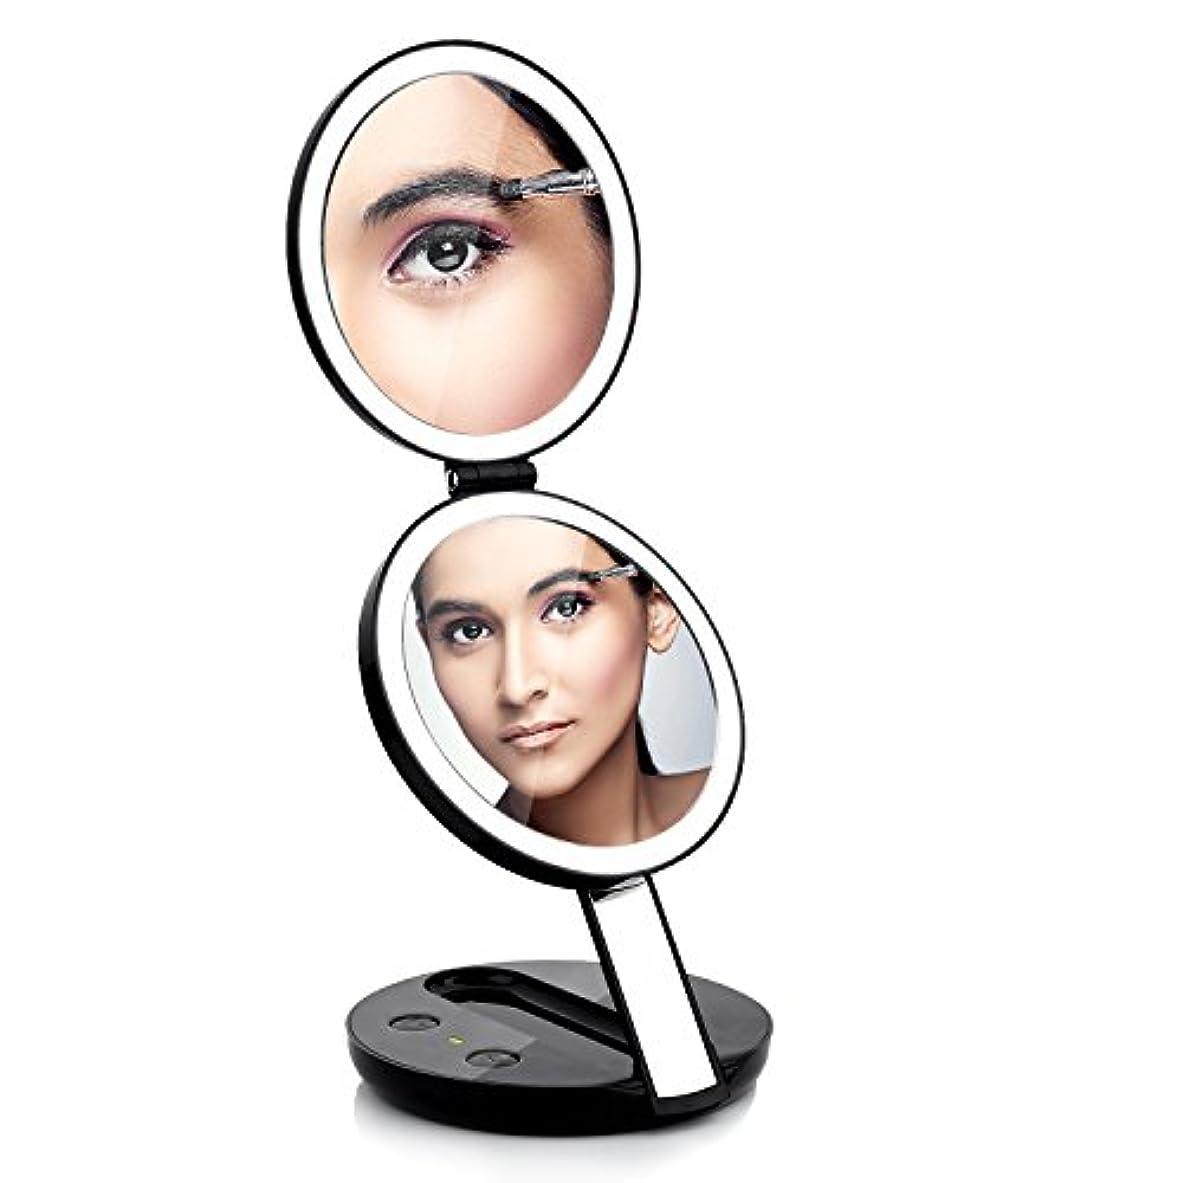 マスク代わりにを立てるアカデミーコンパクトミラー 両面 卓上ミラー 化粧鏡 手鏡 丸型 Ledライト 等倍と7倍拡大鏡 折りたたみ式 明るさ調整可能 角度調節USB給電 電池式 おしゃれ 手のひらサイズ 贈り物(ブラック)